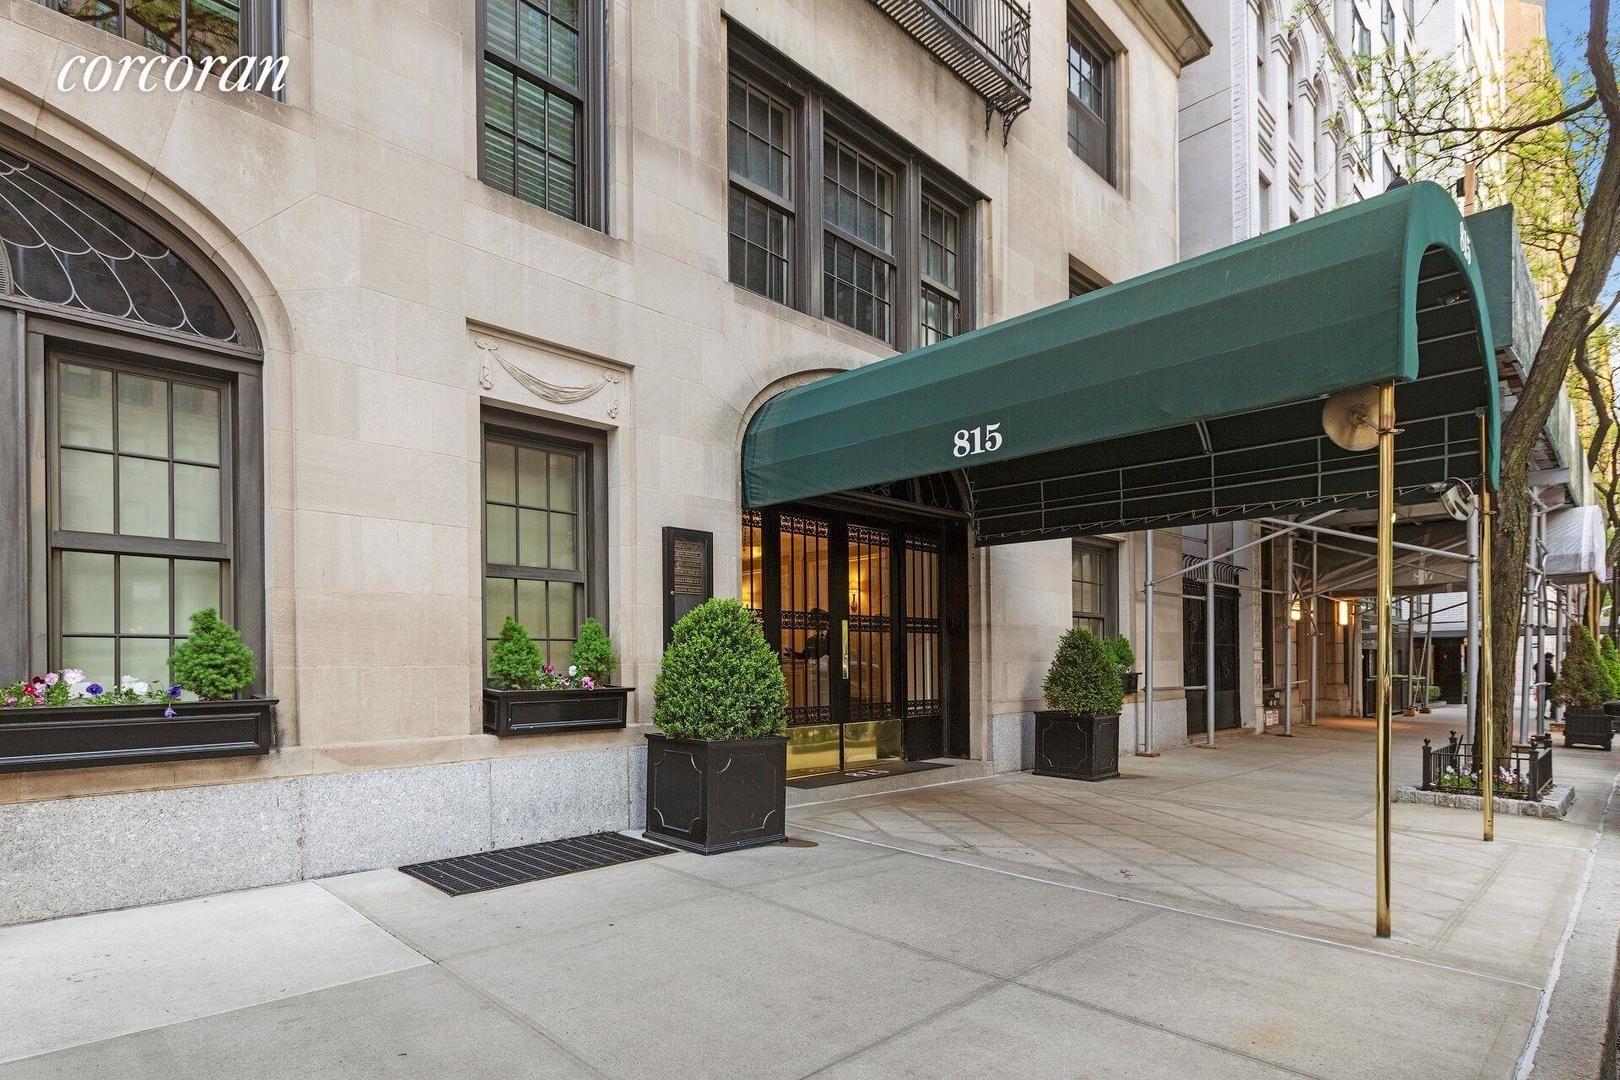 Apartment for sale at 815 Park Avenue, Apt 1AD/D2